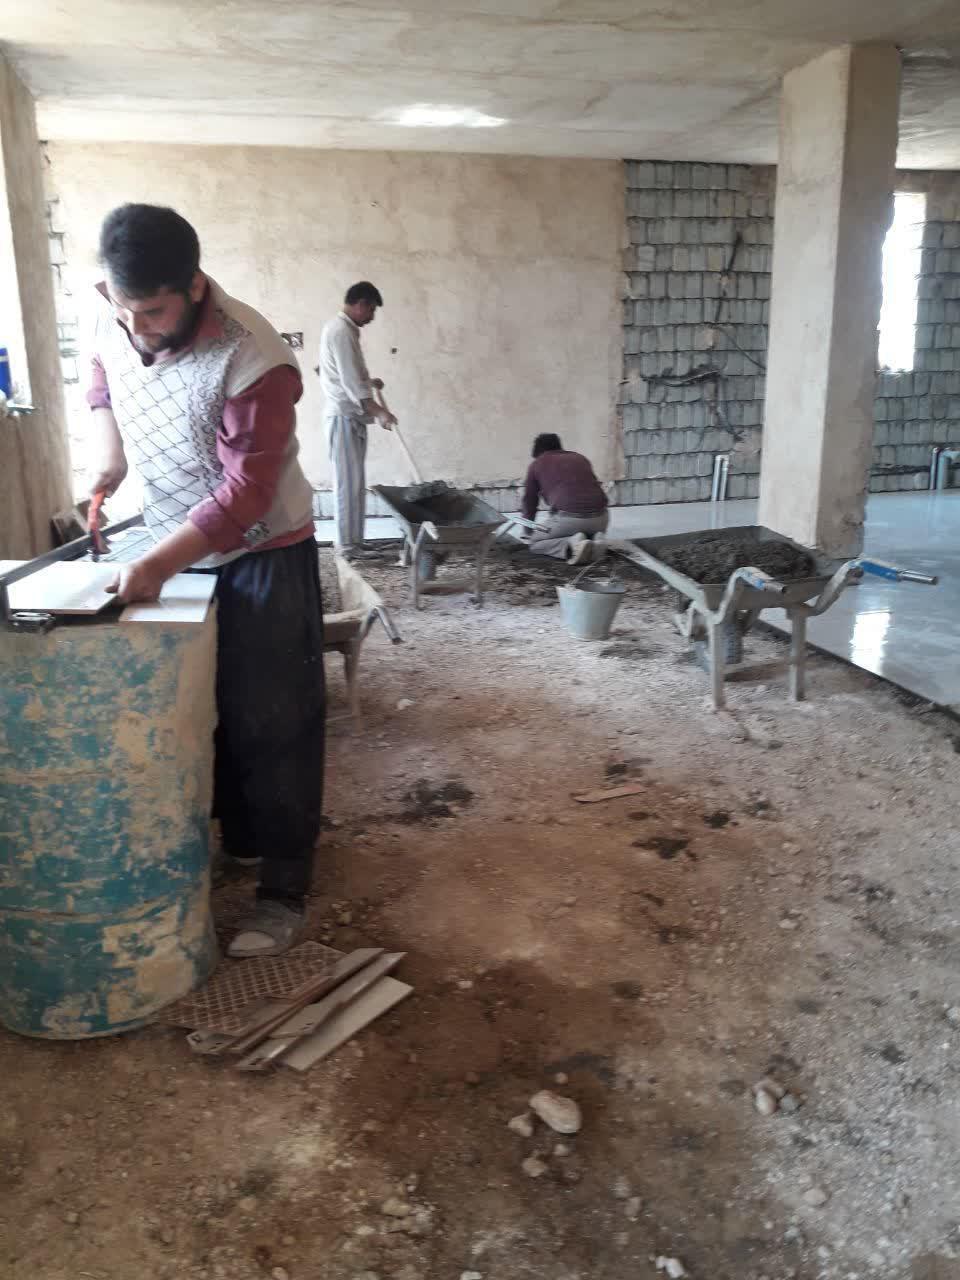 بهسازی خانه یک مادر شهید در مهردشت+تصاویر بهسازی خانه یک مادر شهید در مهردشت+تصاویر بهسازی خانه یک مادر شهید در مهردشت+تصاویر photo 2020 10 06 23 19 09